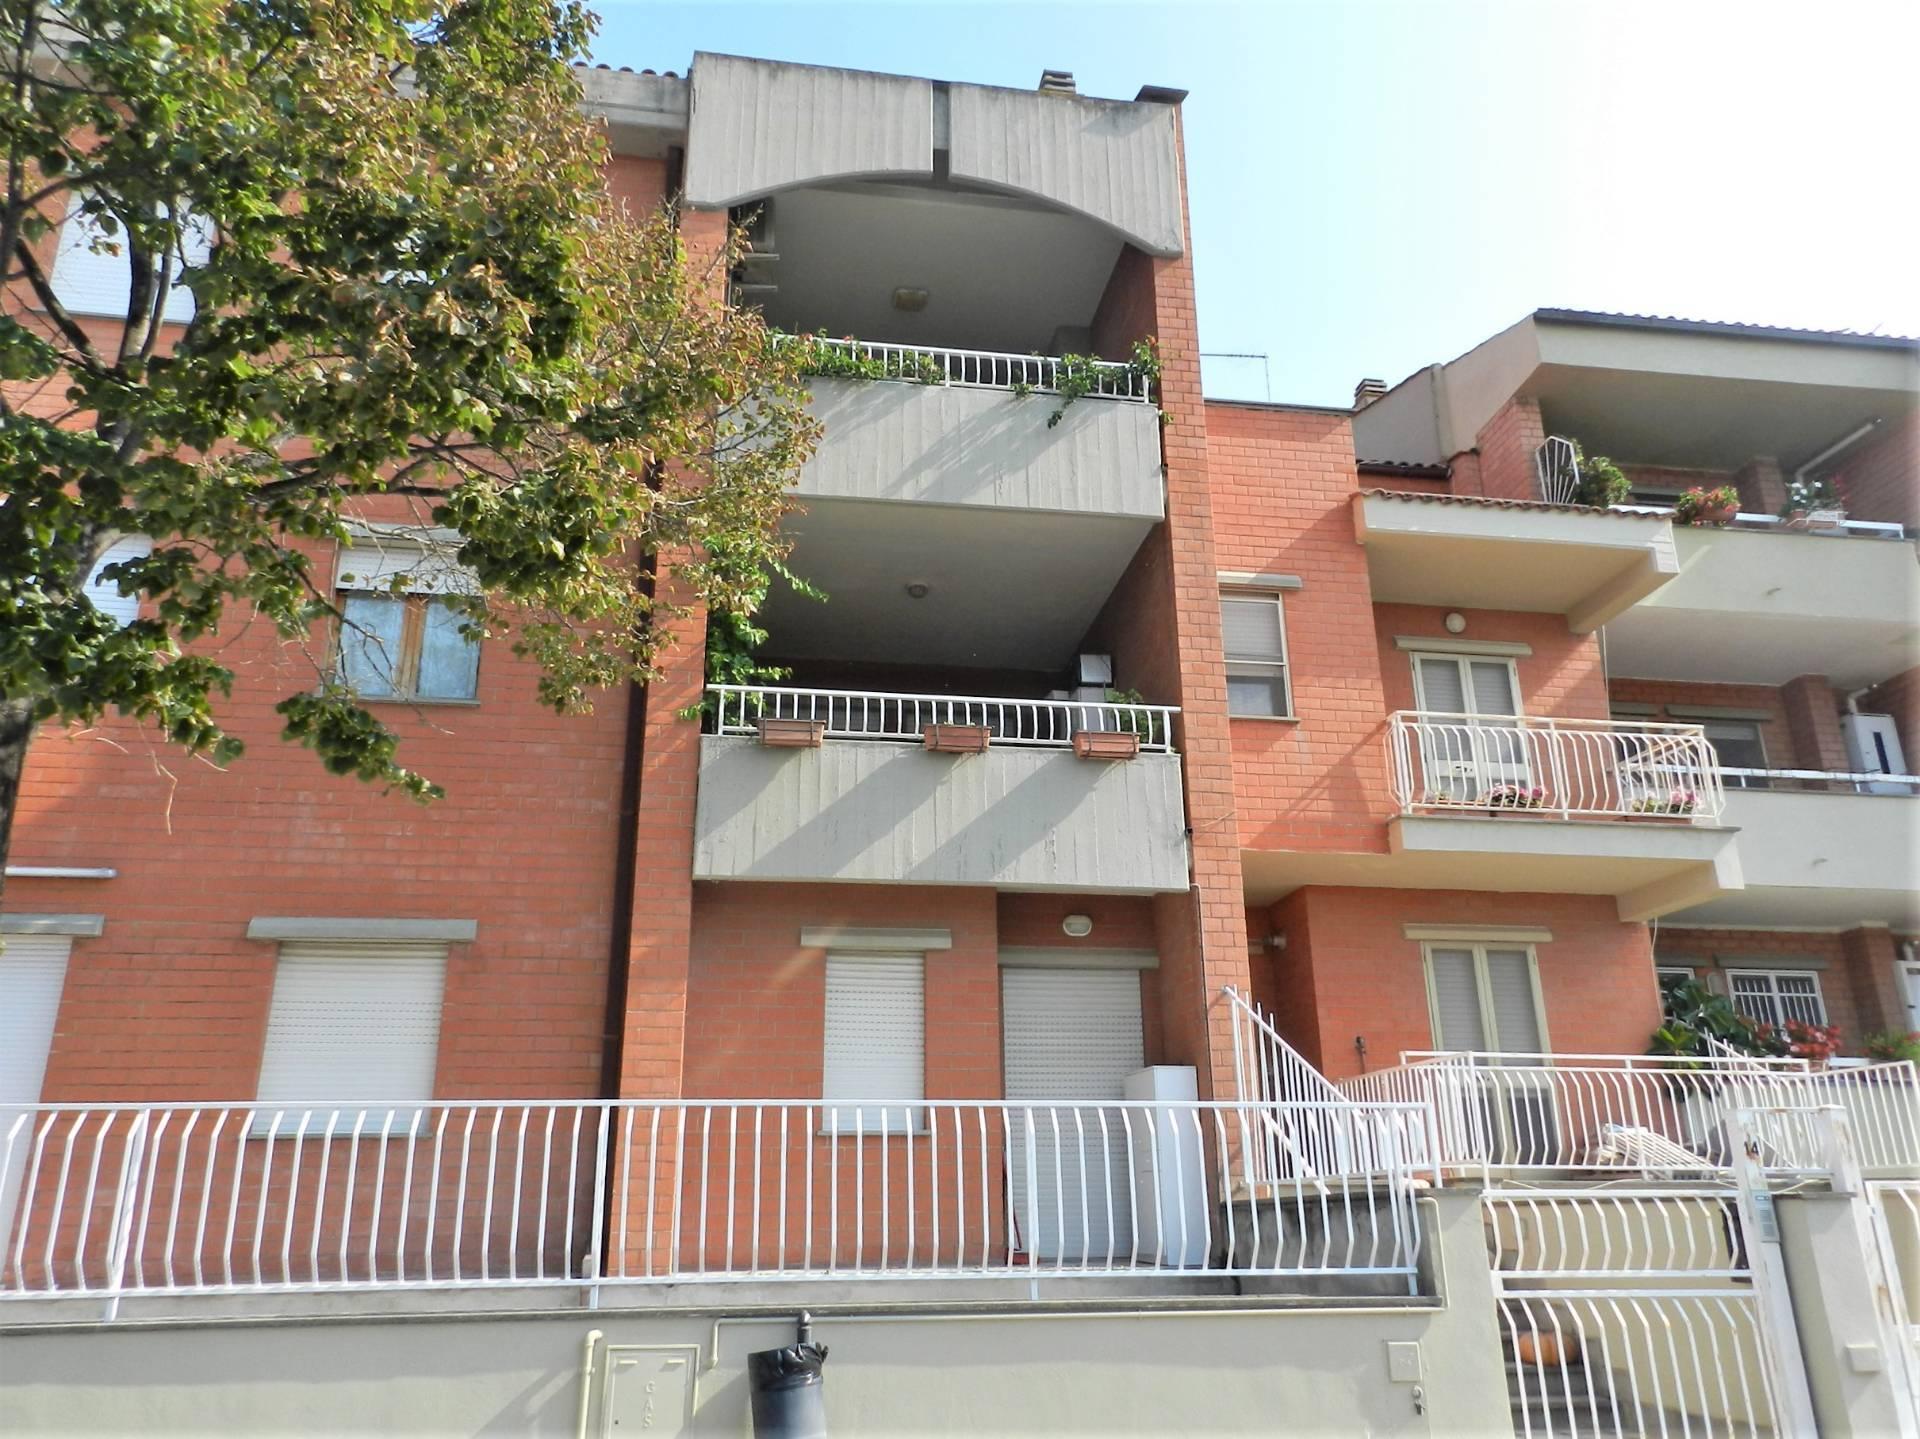 Appartamento in vendita a Tarquinia, 3 locali, zona Località: Clementina, prezzo € 125.000 | PortaleAgenzieImmobiliari.it